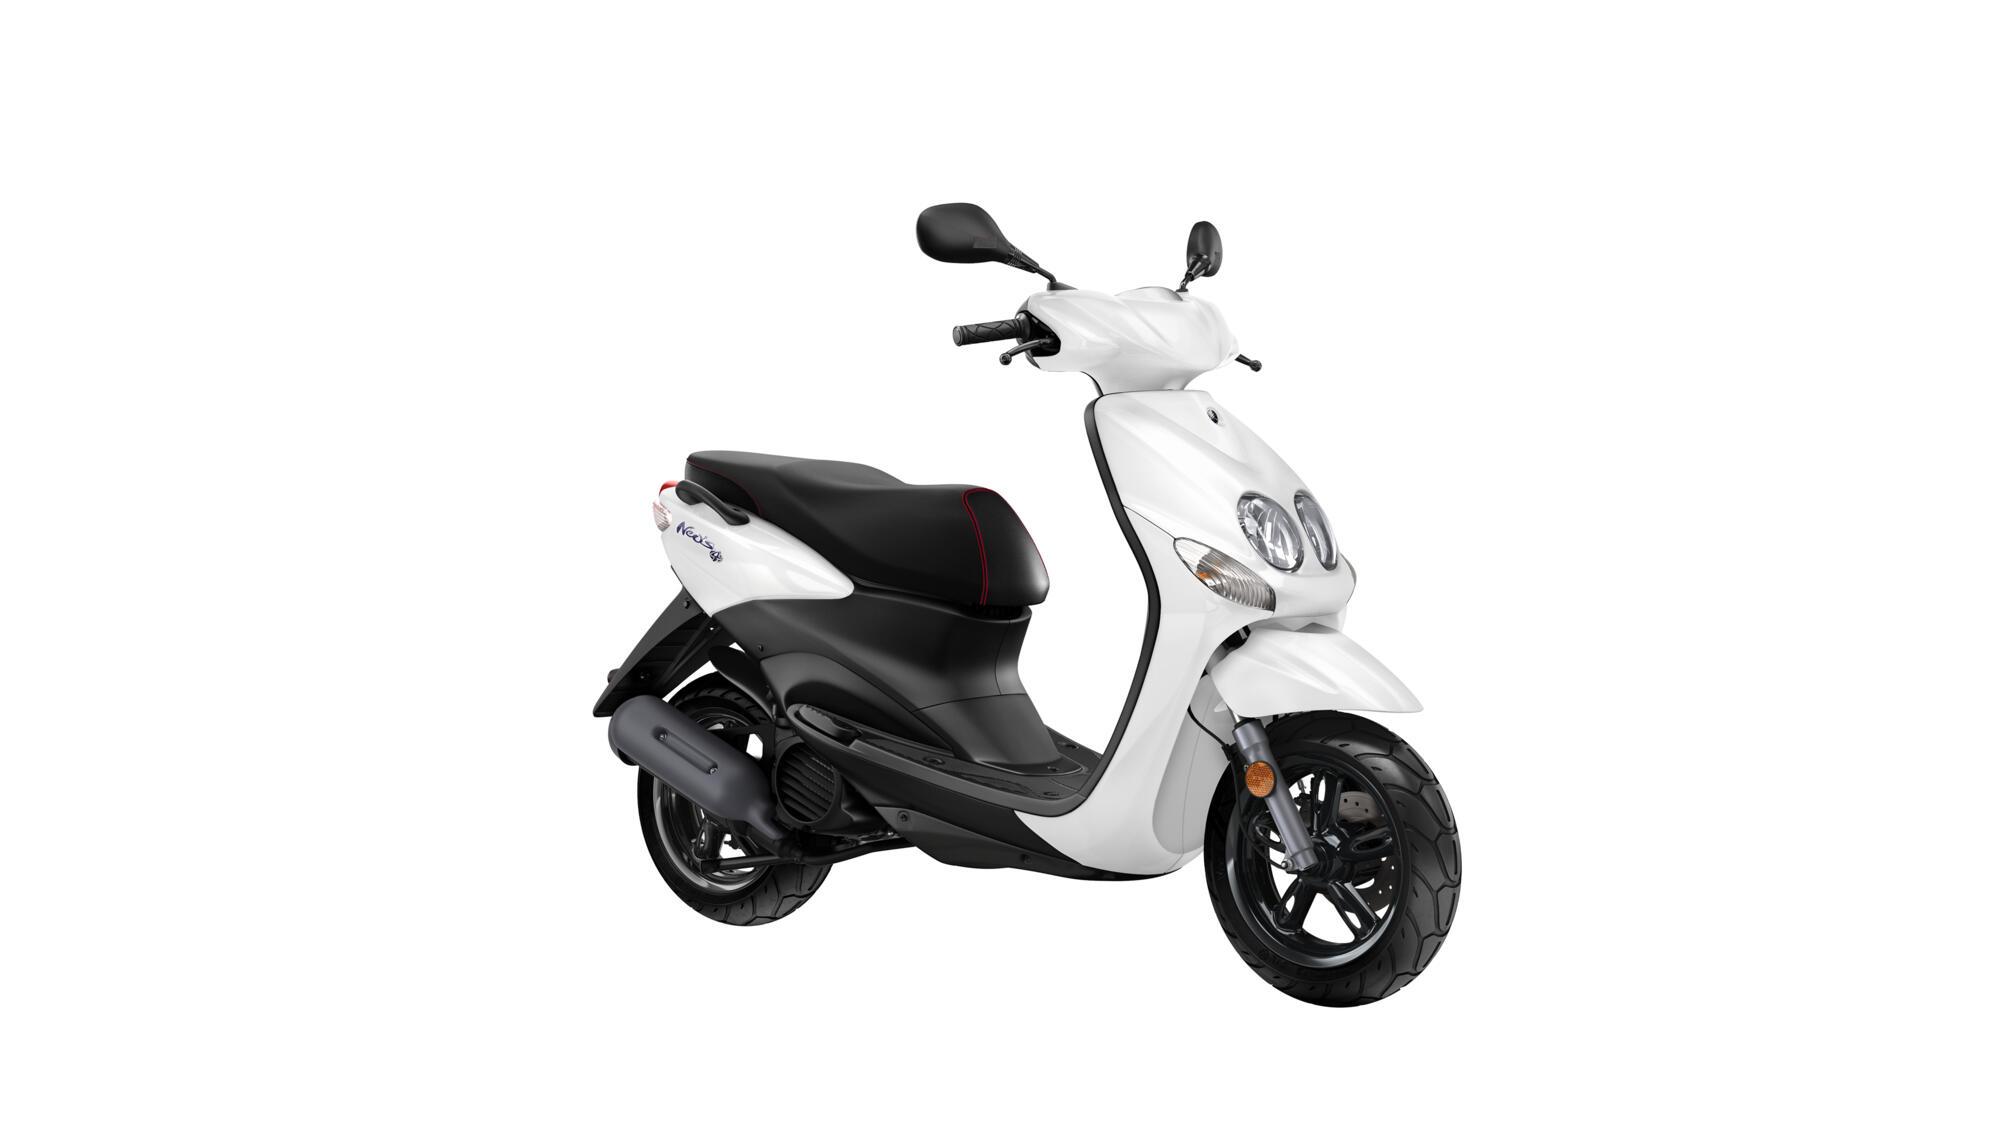 Yamaha-Neo's-4-beyaz-50-cc-ehliyet-gerektirmeyen-motor-b-ehliyetiyle-kullanılabilen-motor